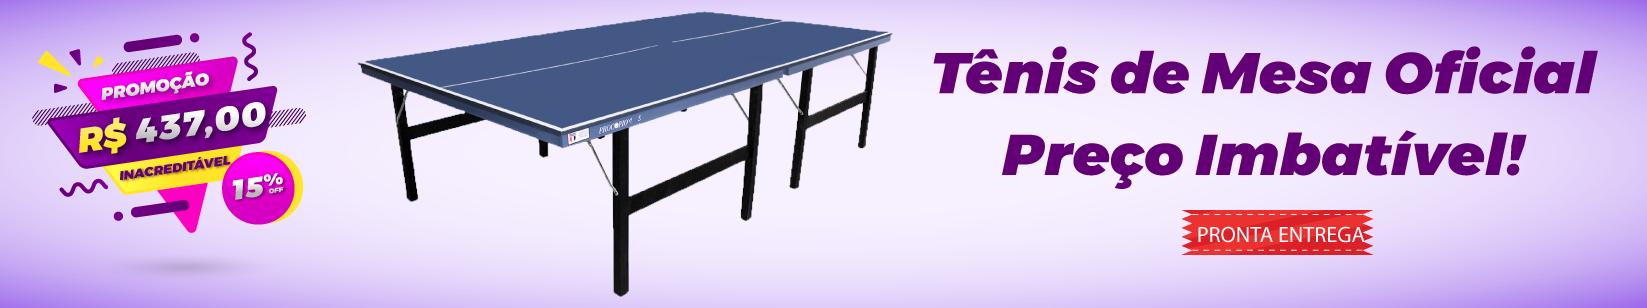 Promo-tenis-pc